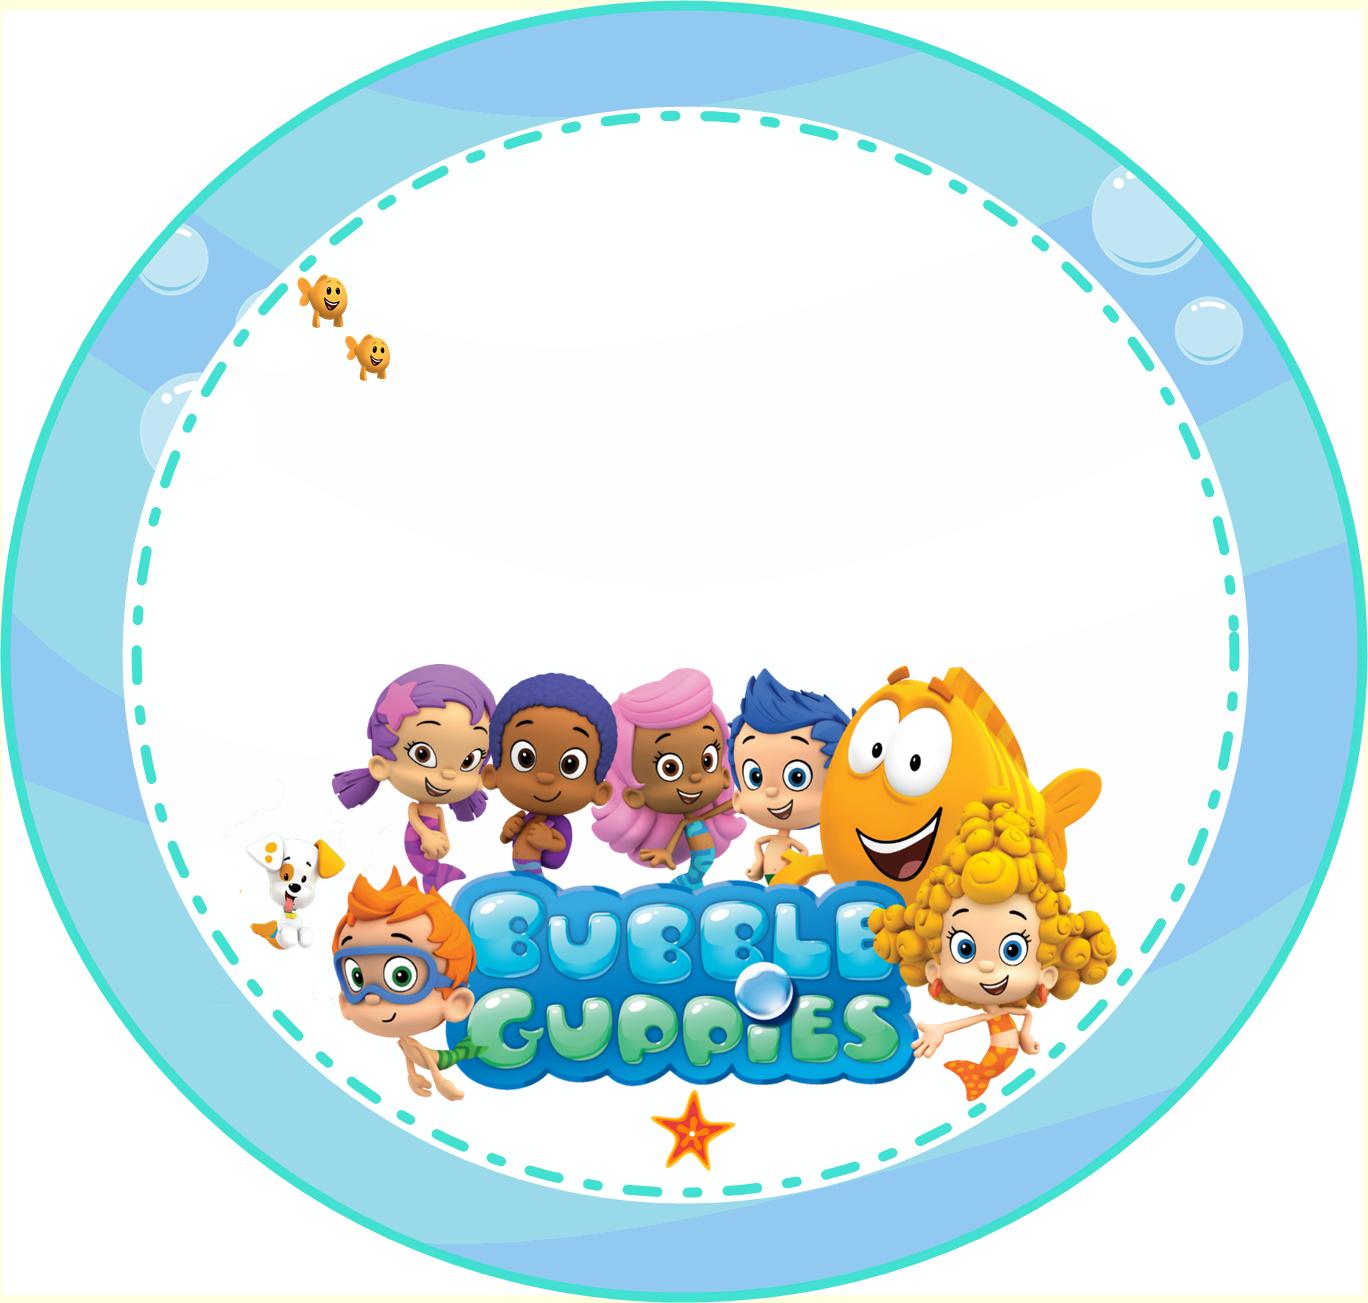 Kit De Personalizados Tema Bubble Guppies